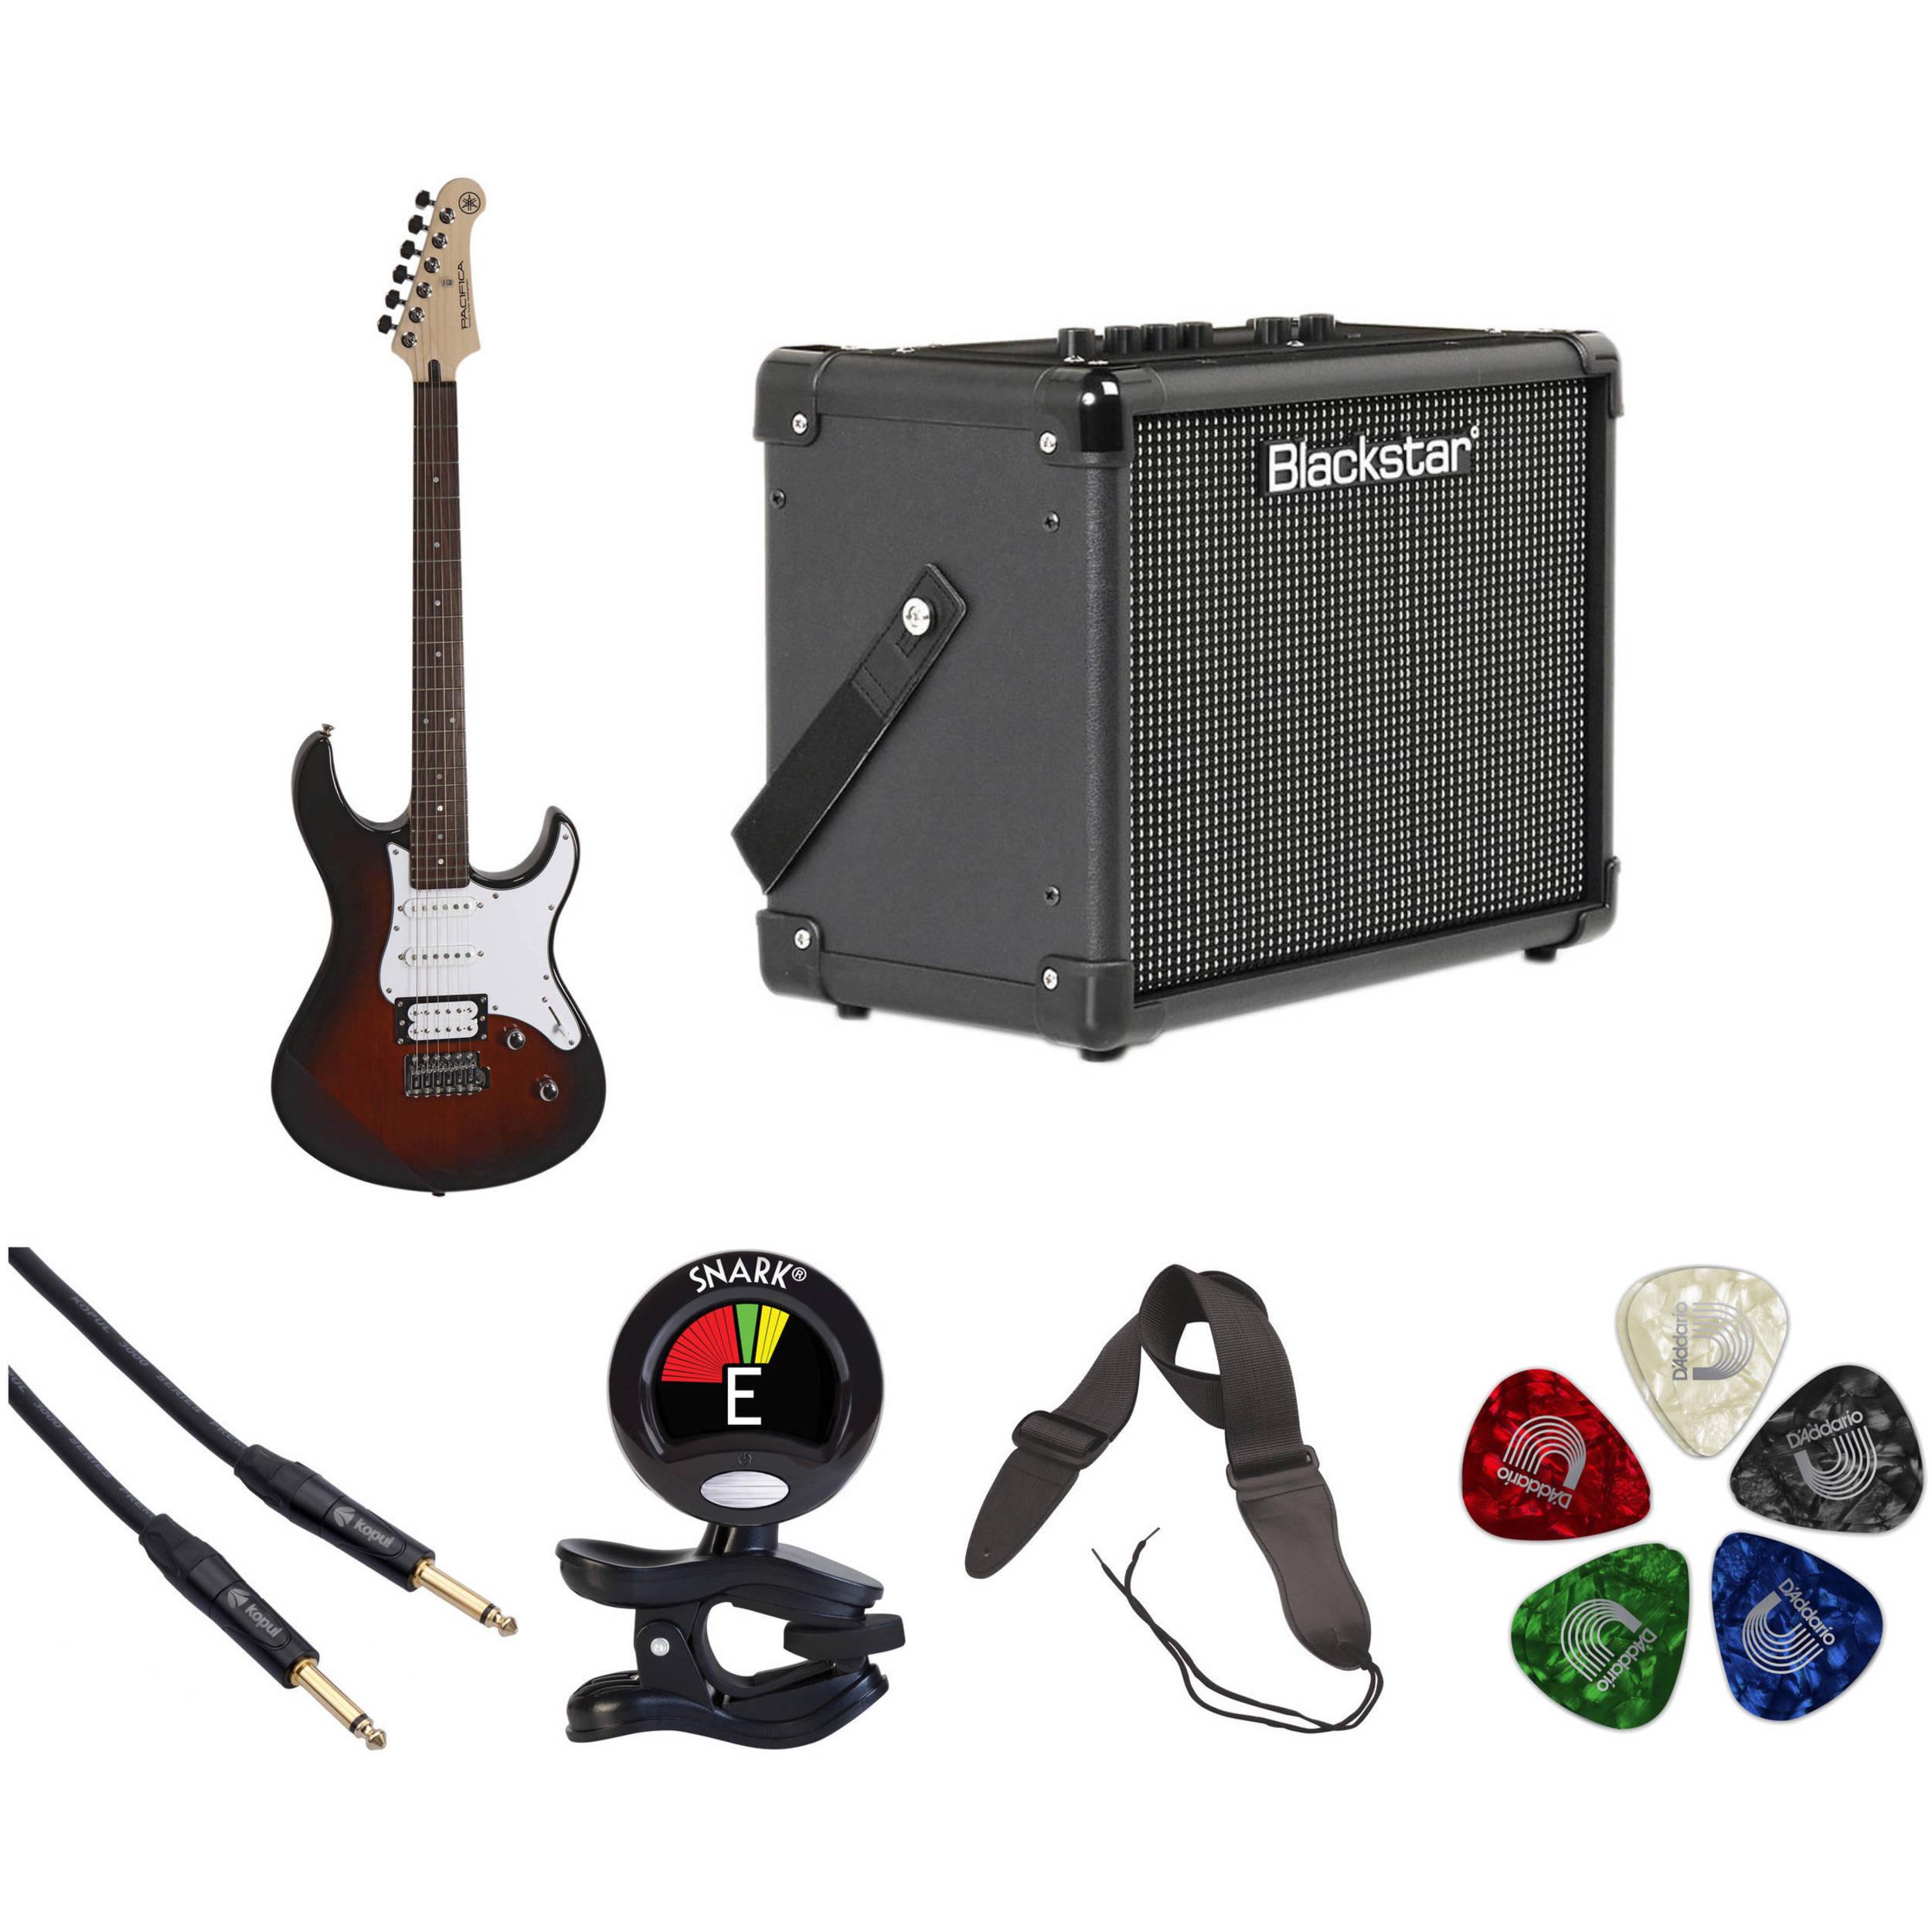 yamaha pac112v electric guitar starter kit old violin sunburst. Black Bedroom Furniture Sets. Home Design Ideas